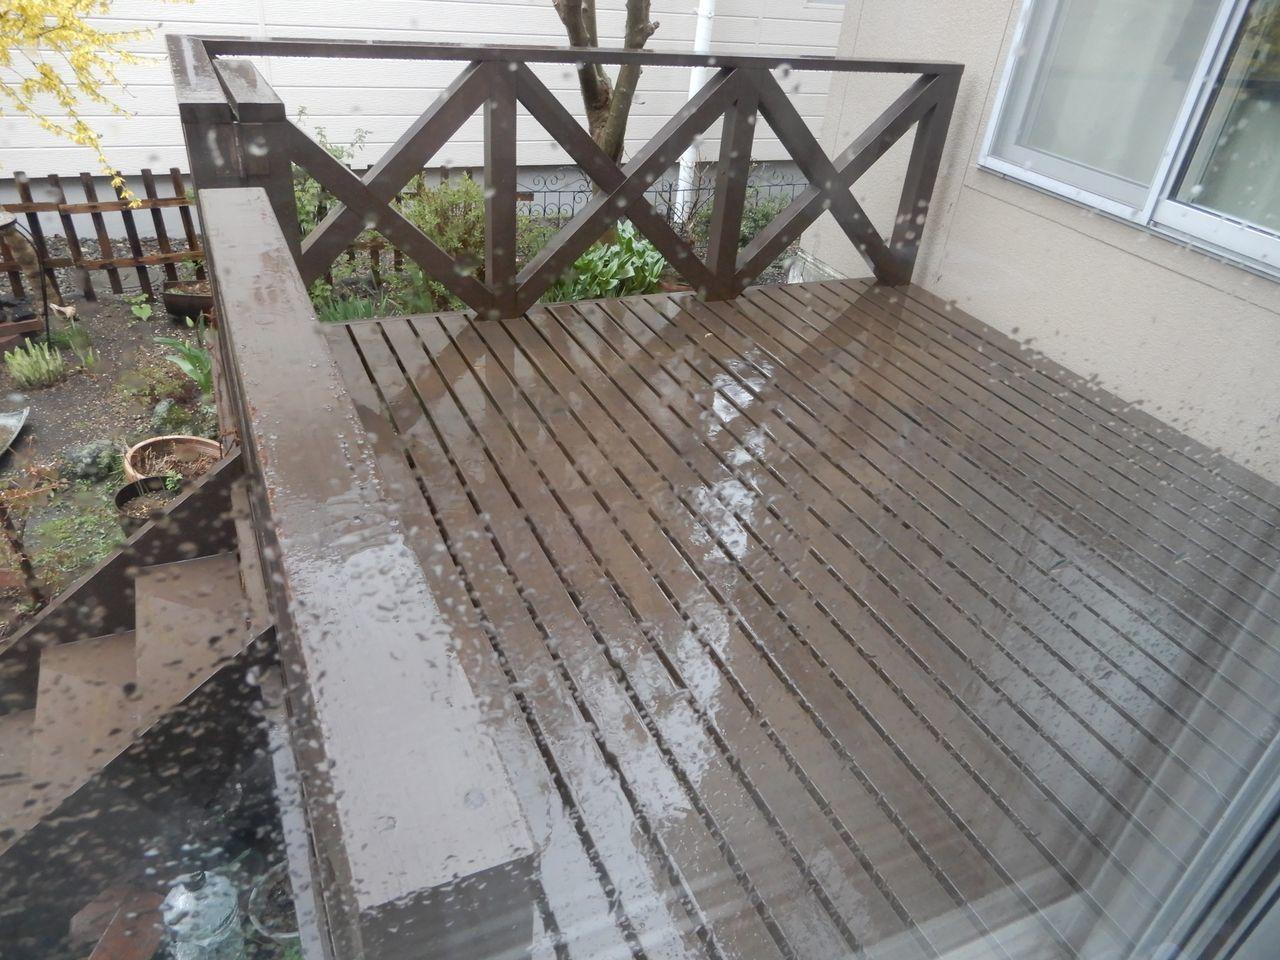 冷たい雨が降り続く_c0025115_21570535.jpg